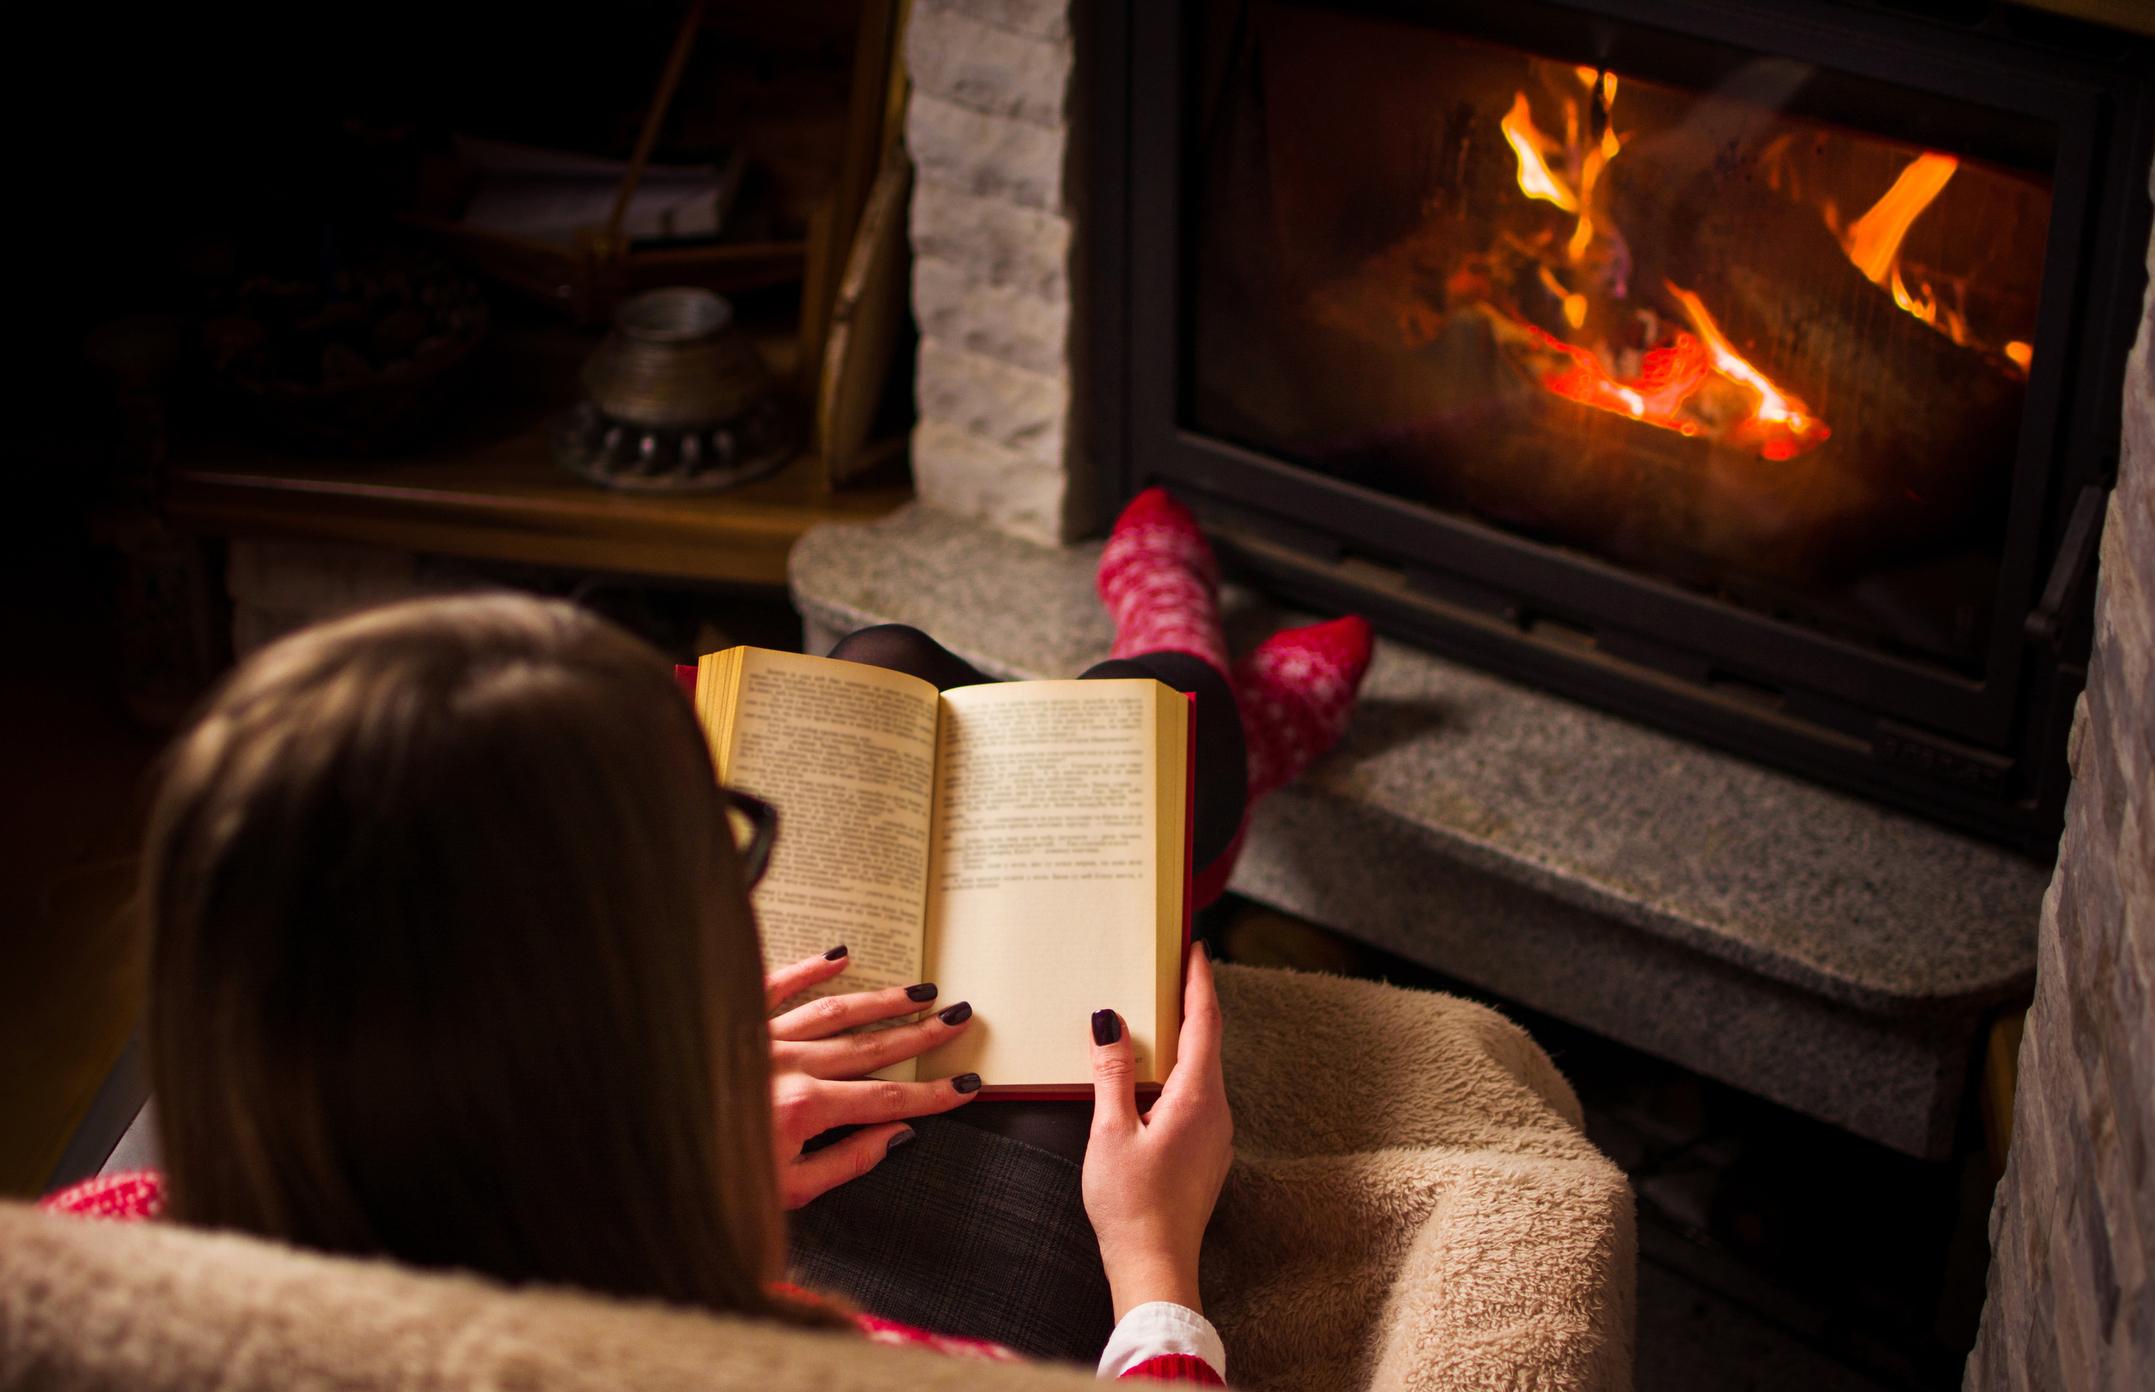 1.<br /> Когато подарявате на някого книга, все едно му подарявате пътуване до различни краища на света или дори в паралелни вселени. Освен това му давате възможност за среща с невероятни персонажи, изживяващи още по-невероятни истории. Понякога чрез книгата човек има възможност и да се впусне в опасни приключения. И всичко това като си остане у дома, удобно седнал на фотьойла си, с котката си в скута.